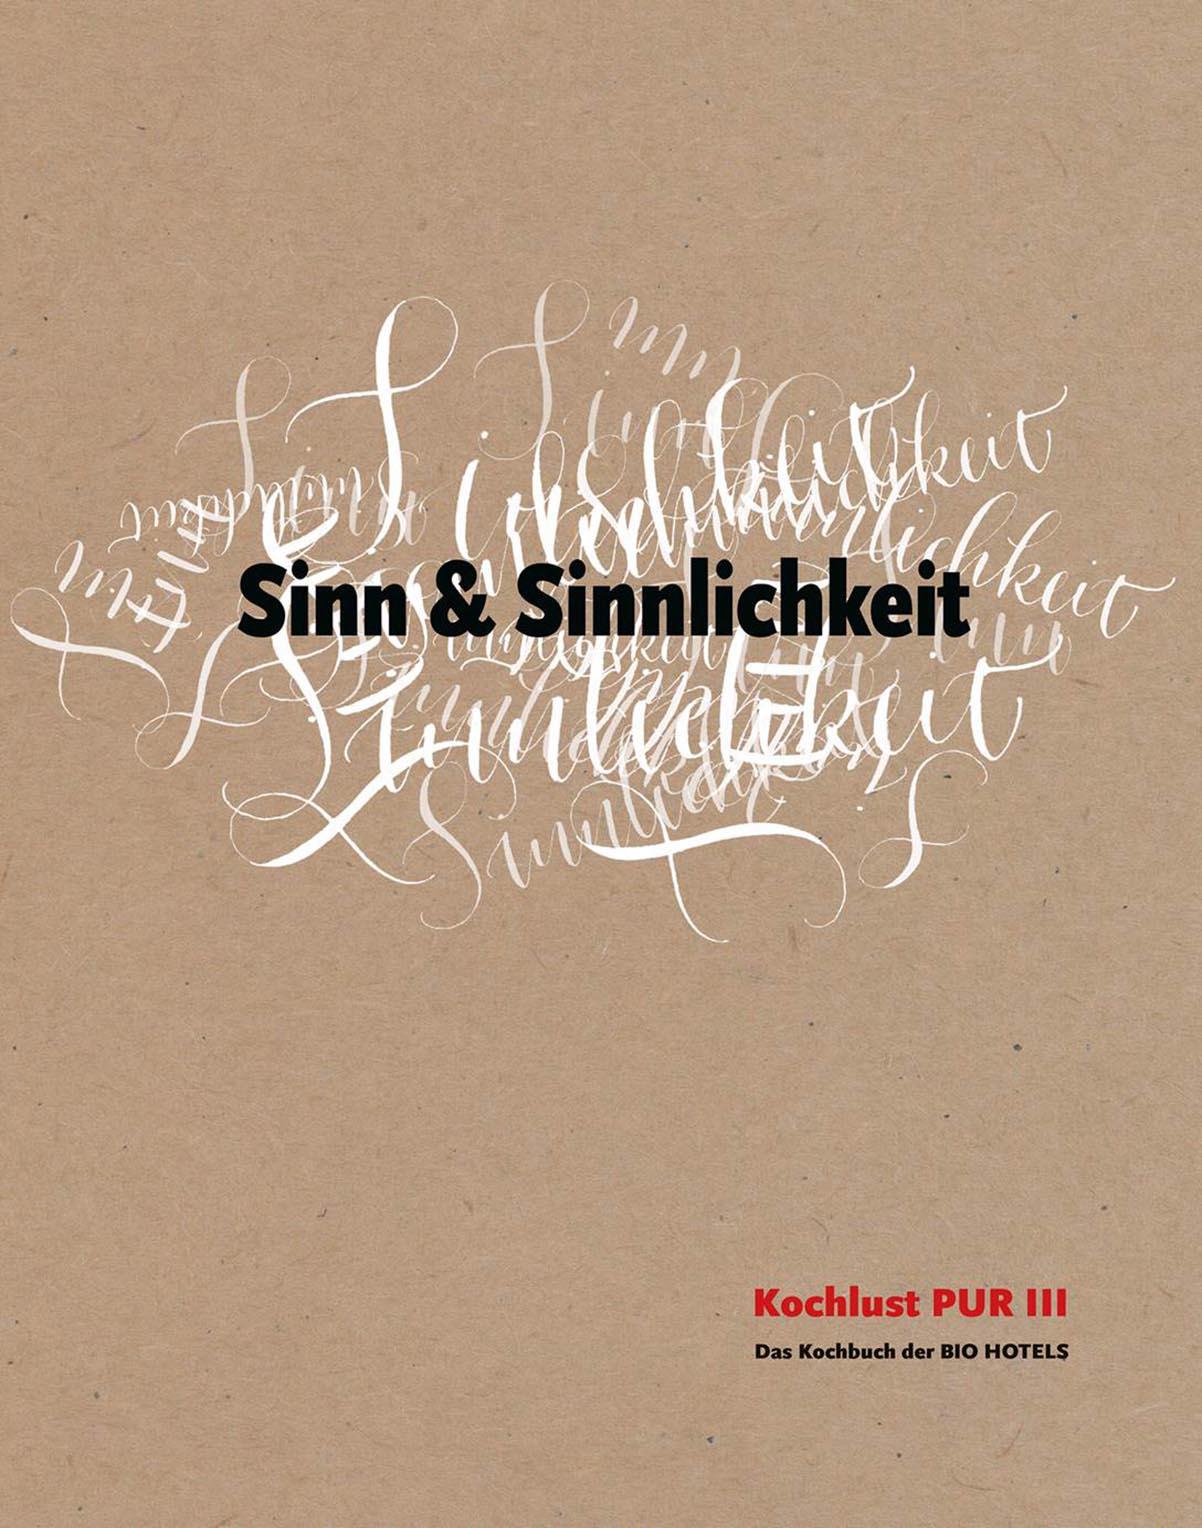 Buch-Tipp: Sinn & Sinnlichkeit